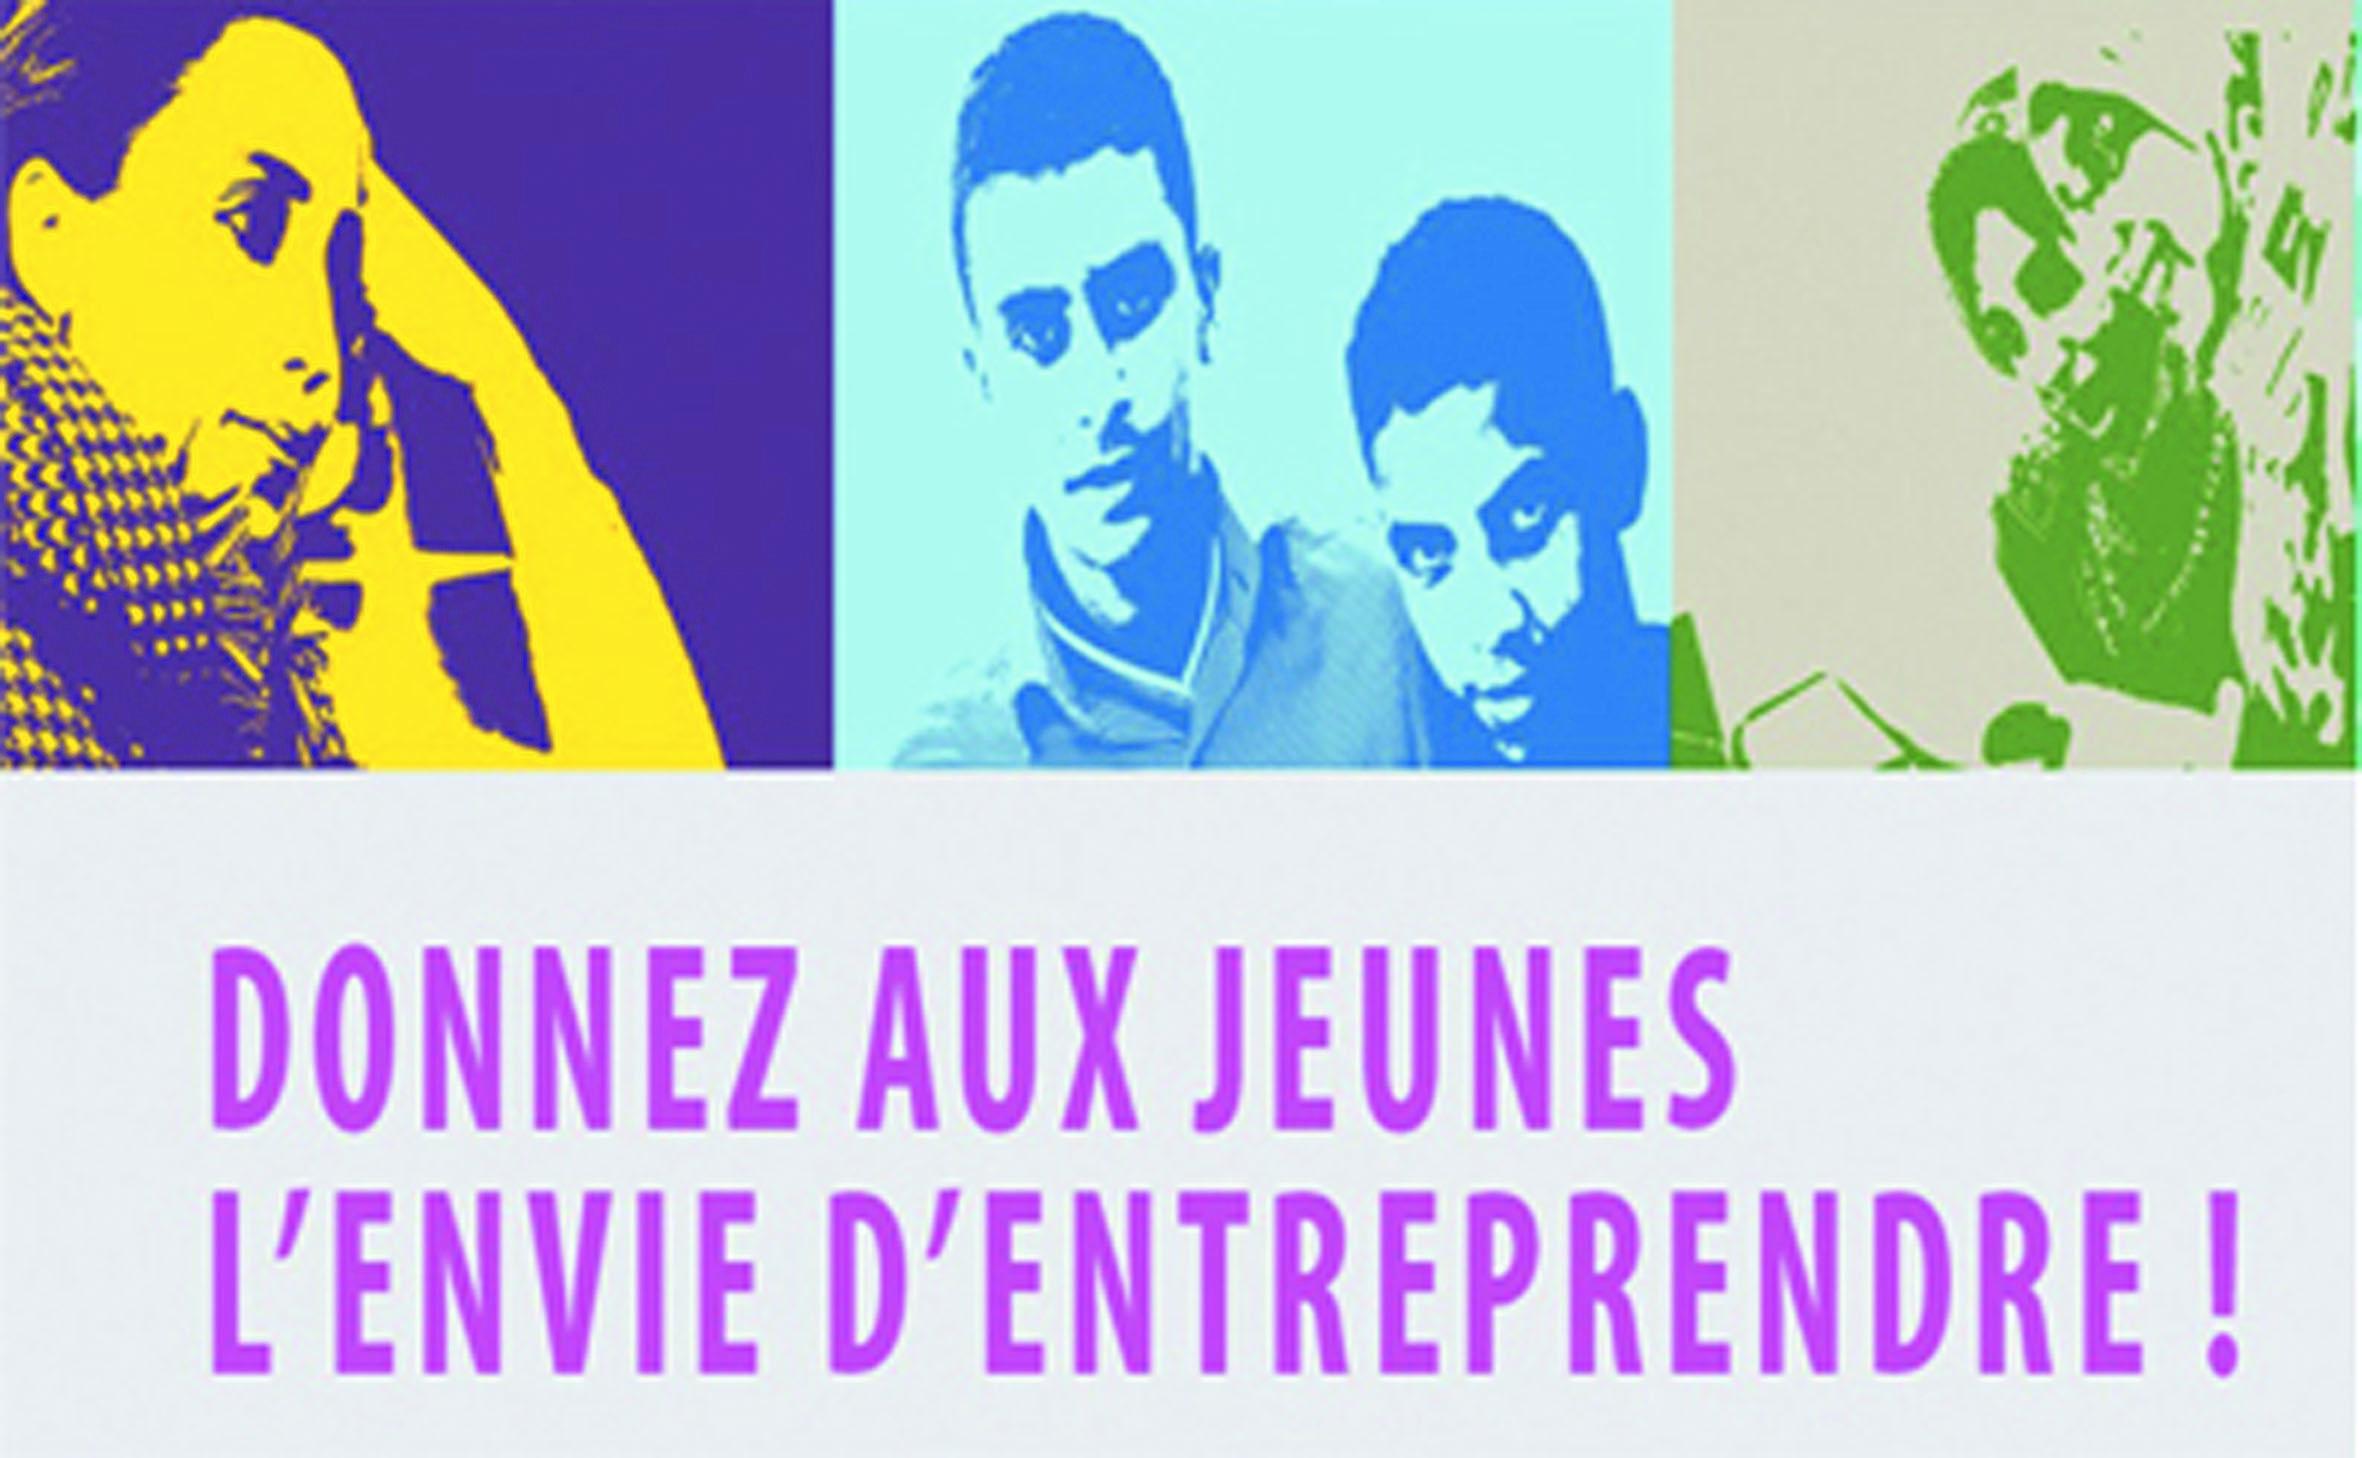 Promouvoir la culture entrepreneuriale auprès des jeunes